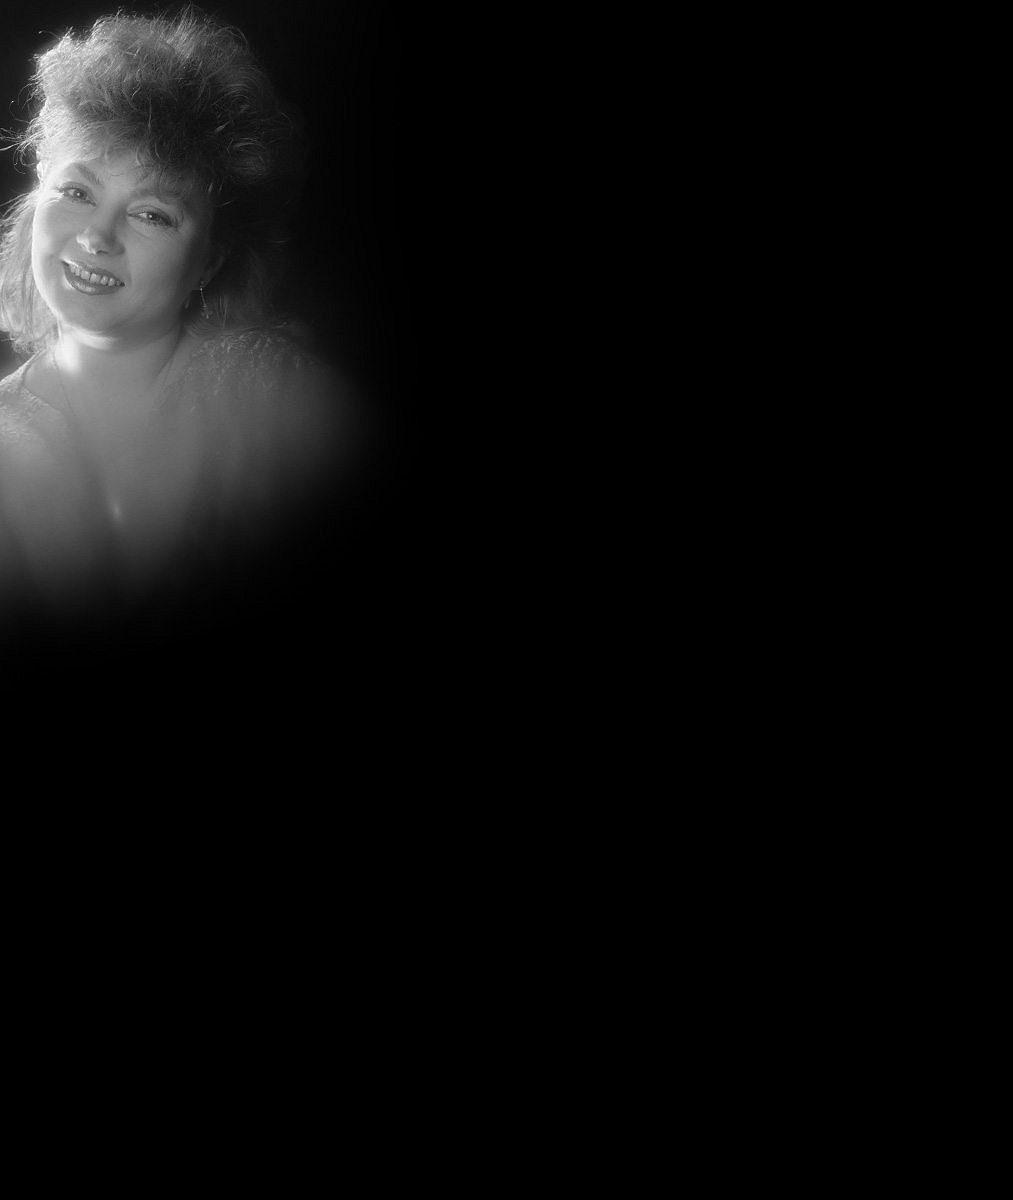 Sbohem, královno, jednoho dne se vrátíš! Věra Špinarová prohrála marný boj s nemocí